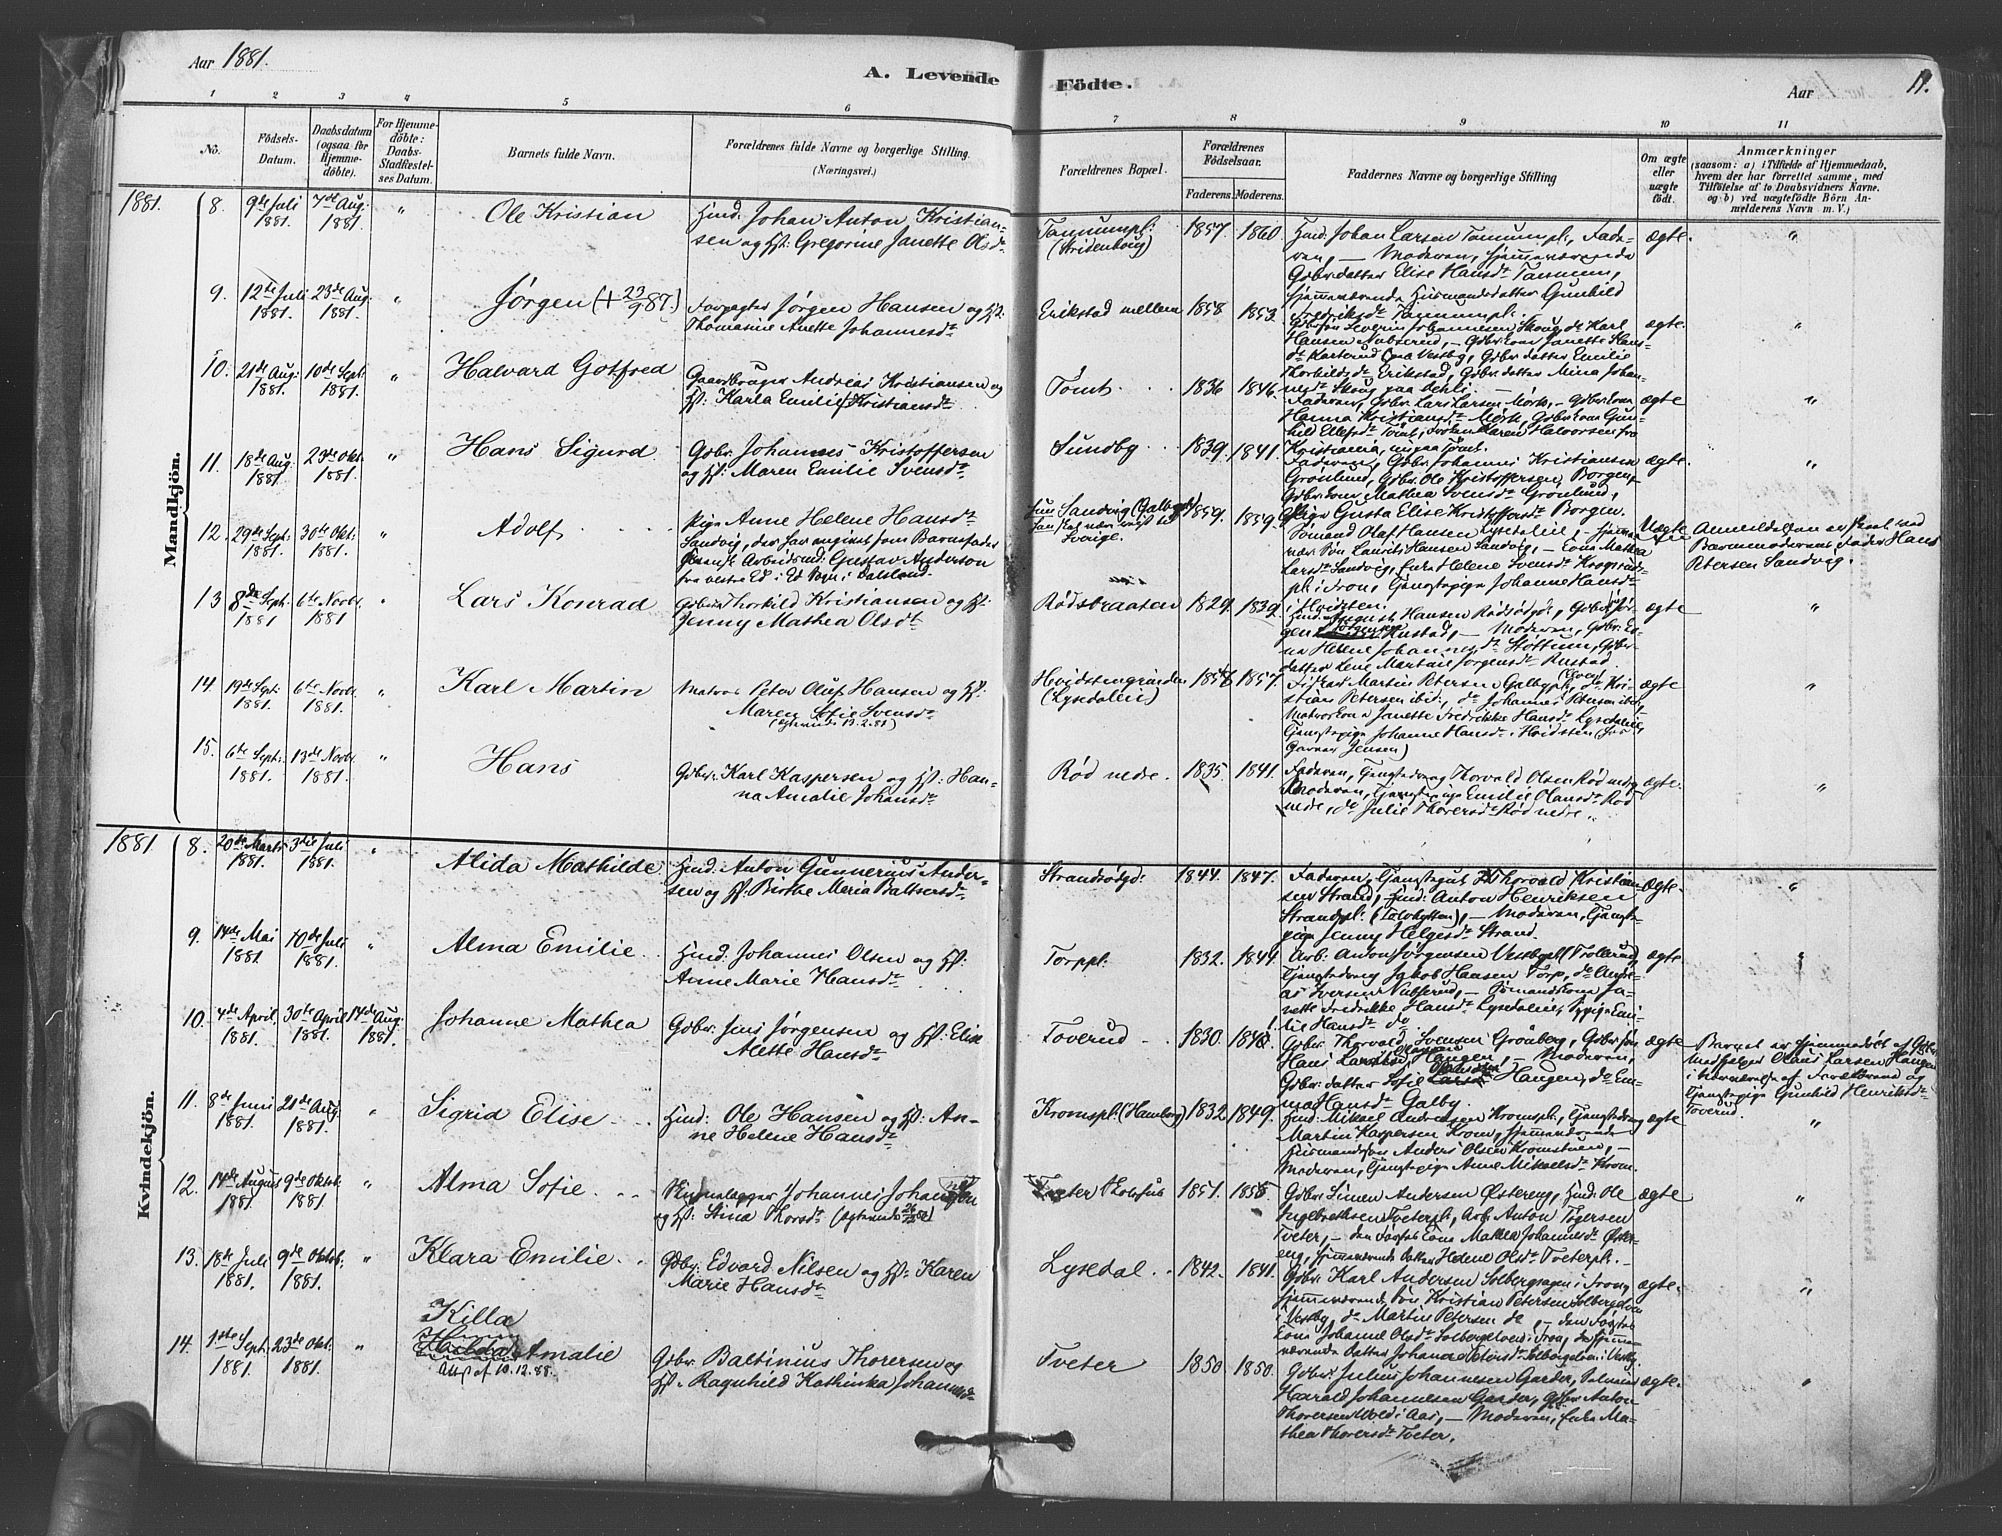 SAO, Vestby prestekontor Kirkebøker, F/Fa/L0009: Ministerialbok nr. I 9, 1878-1900, s. 11